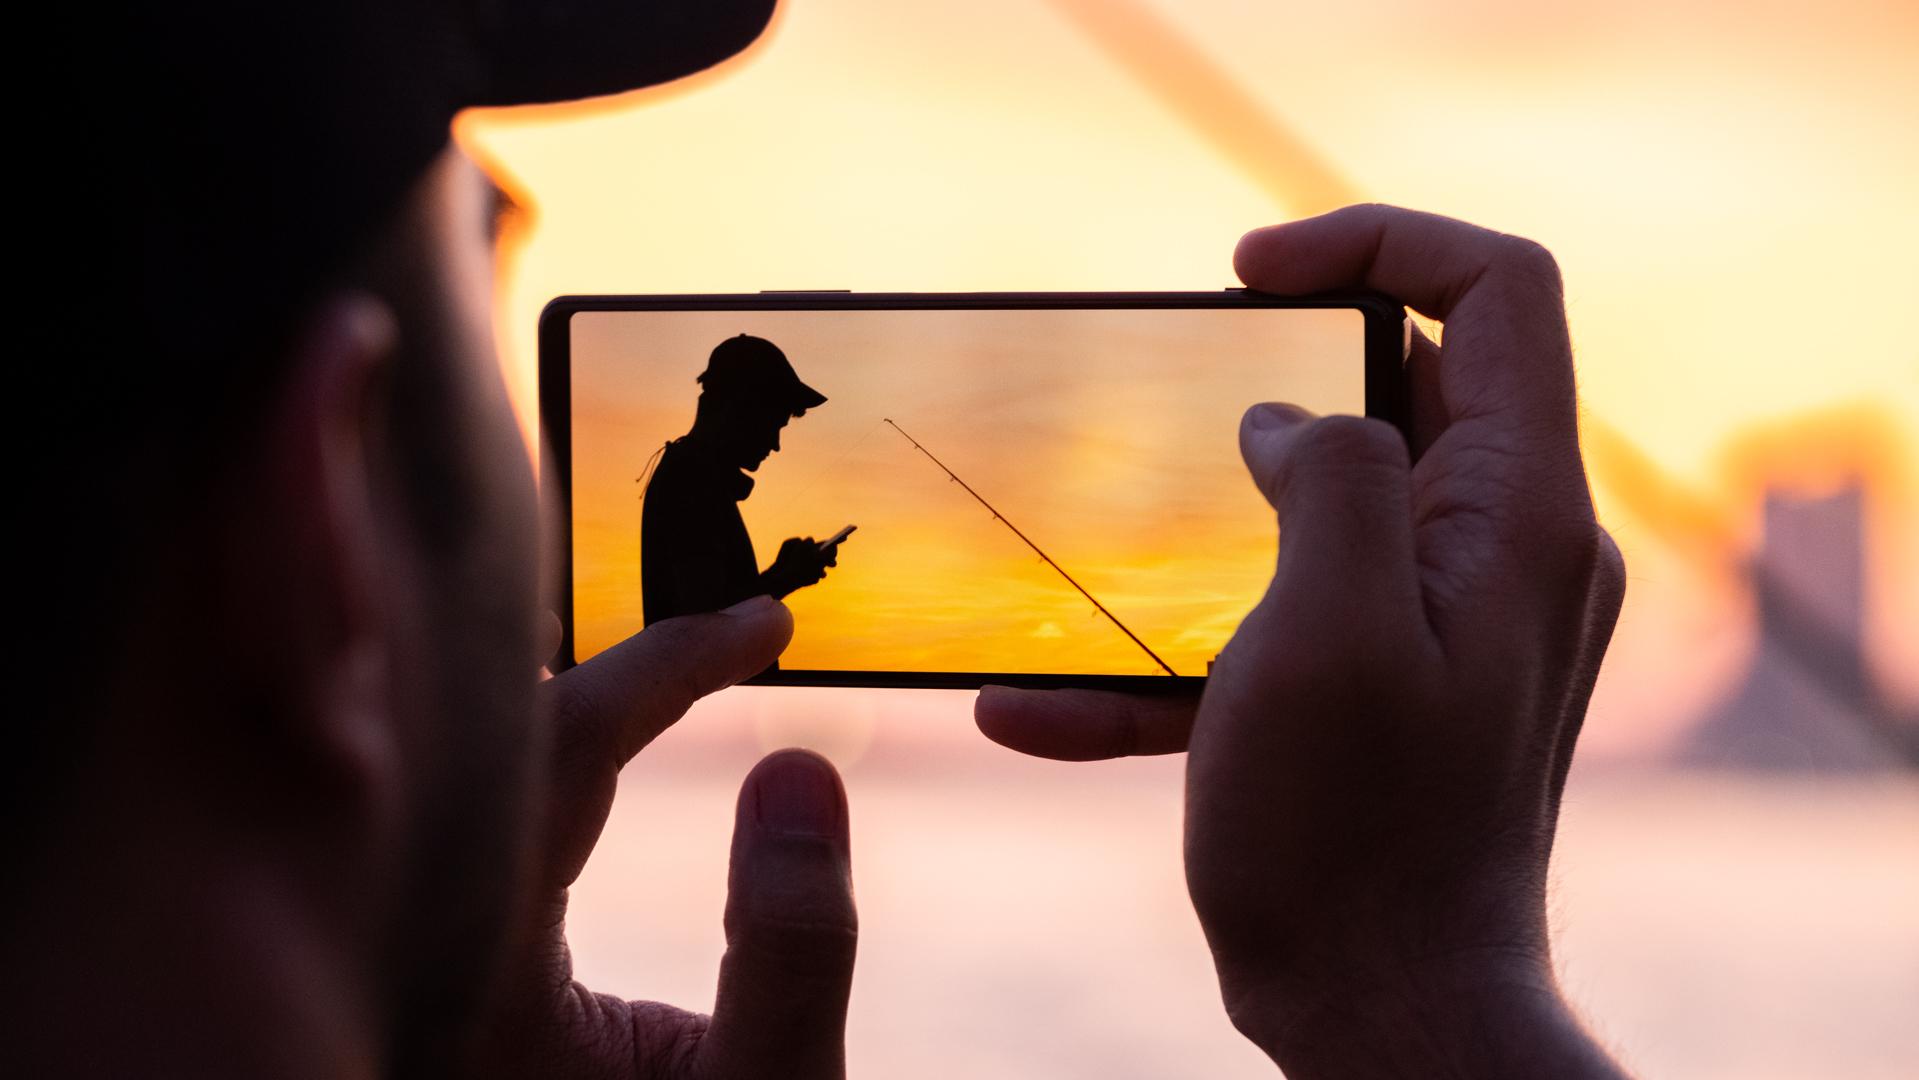 Sony Xperia 1 II taking a photo